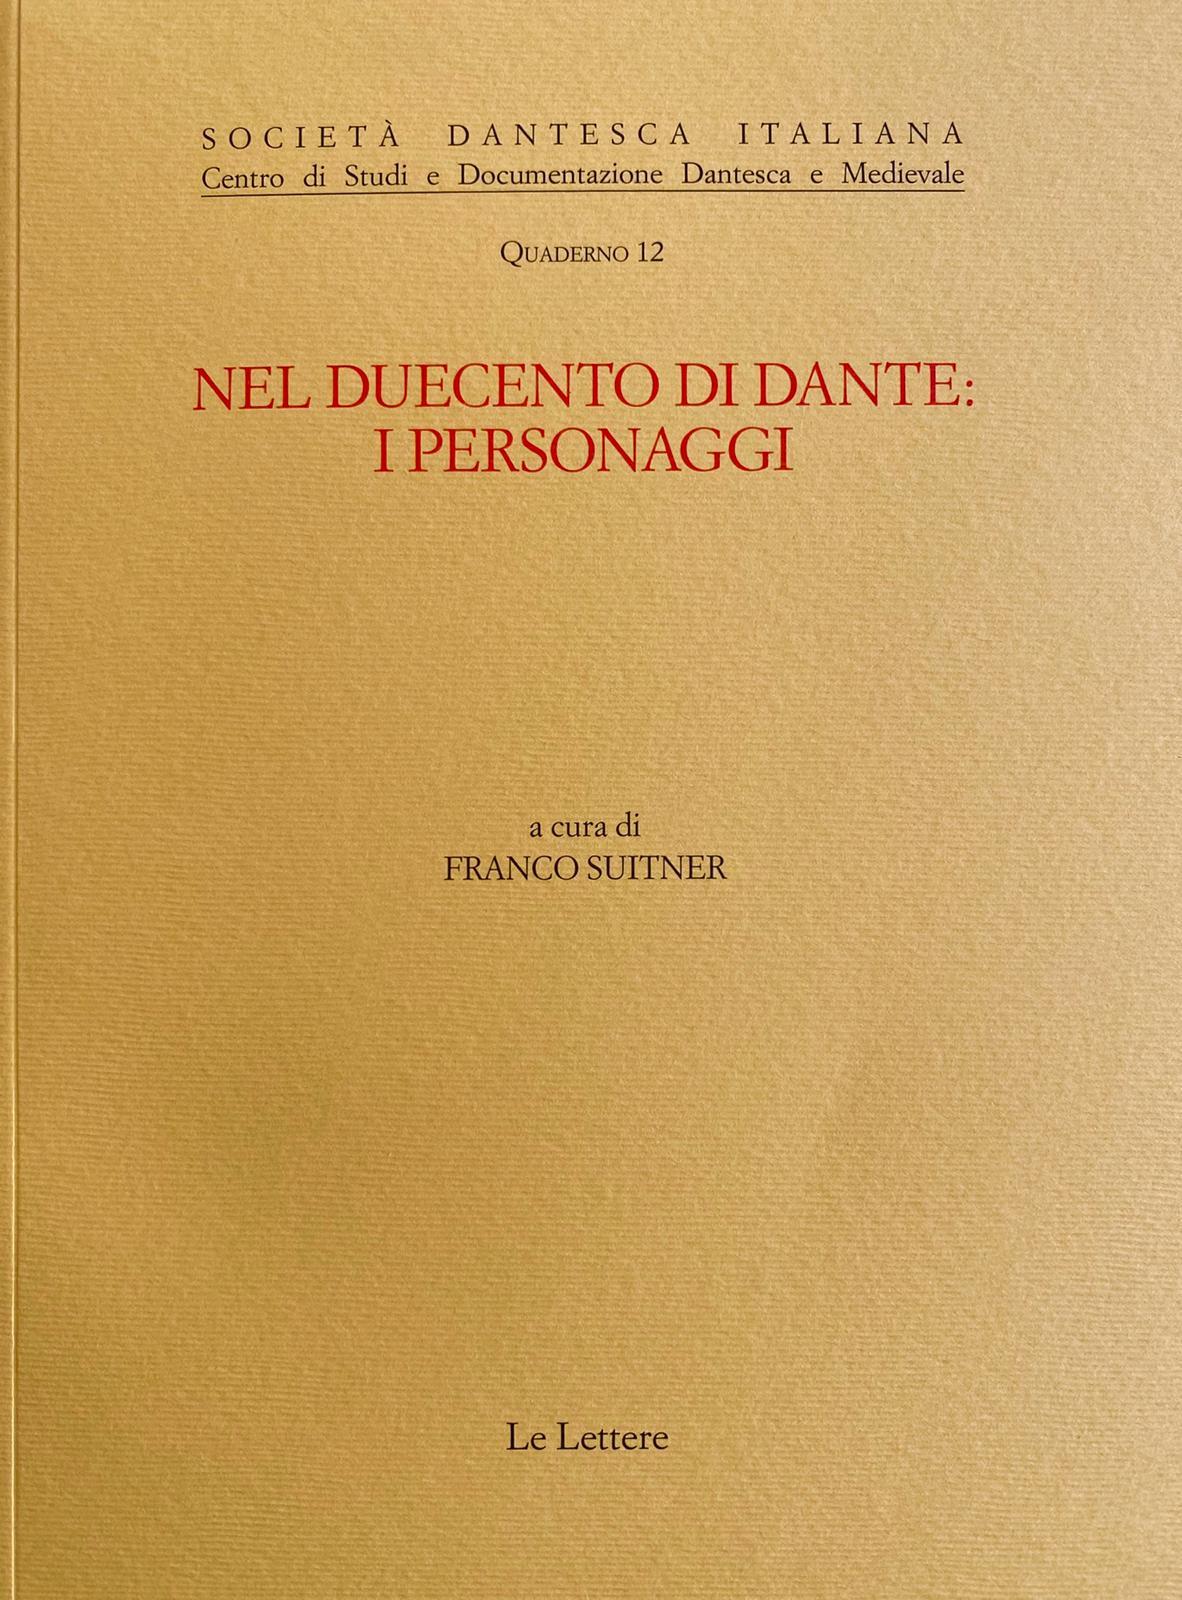 F. Suitner (dir.), Nel Duecento di Dante: i personaggi